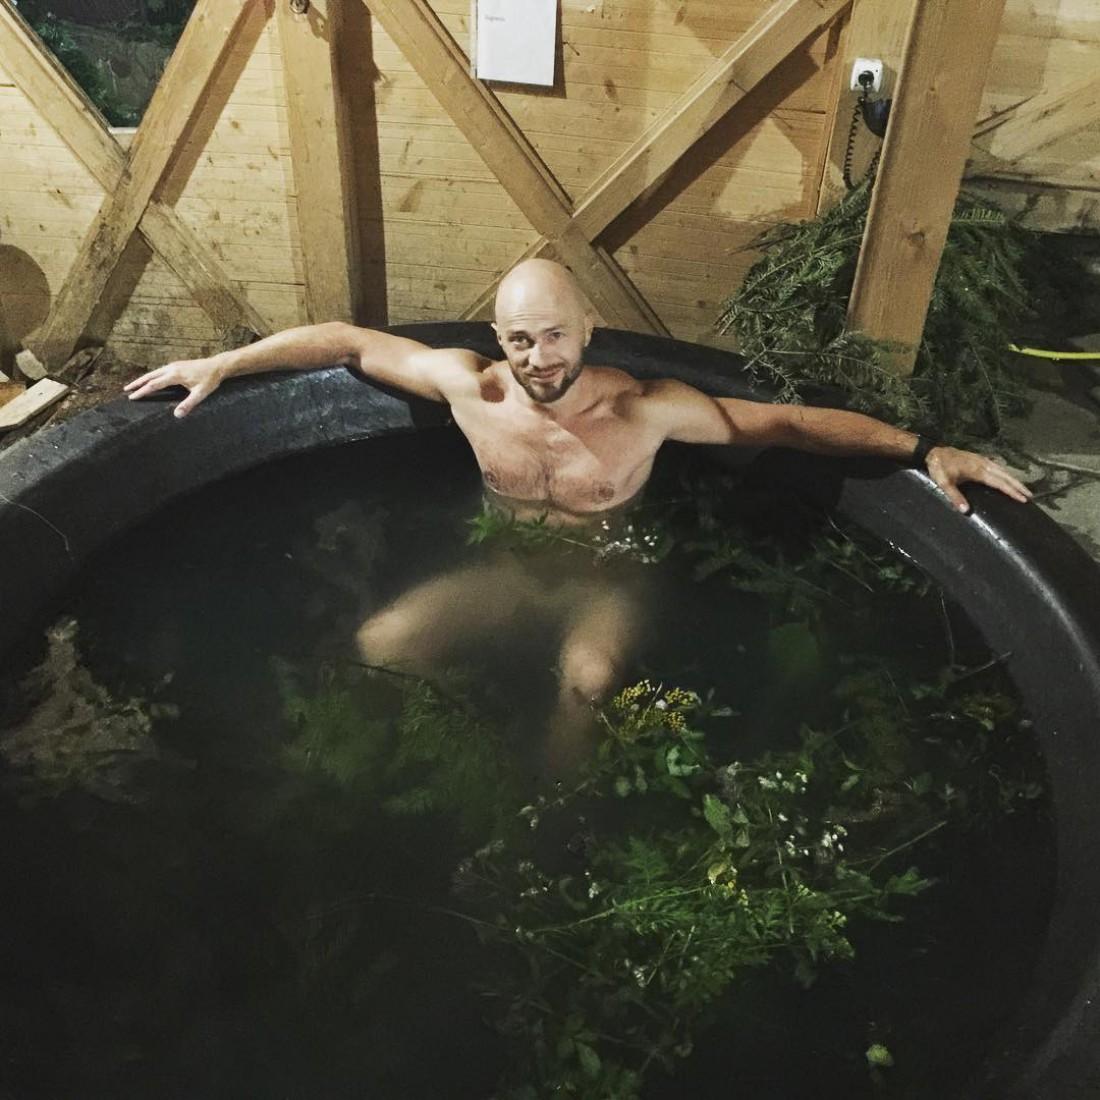 Если что – я в плавках, - Влад Яма поделился пикантным фото